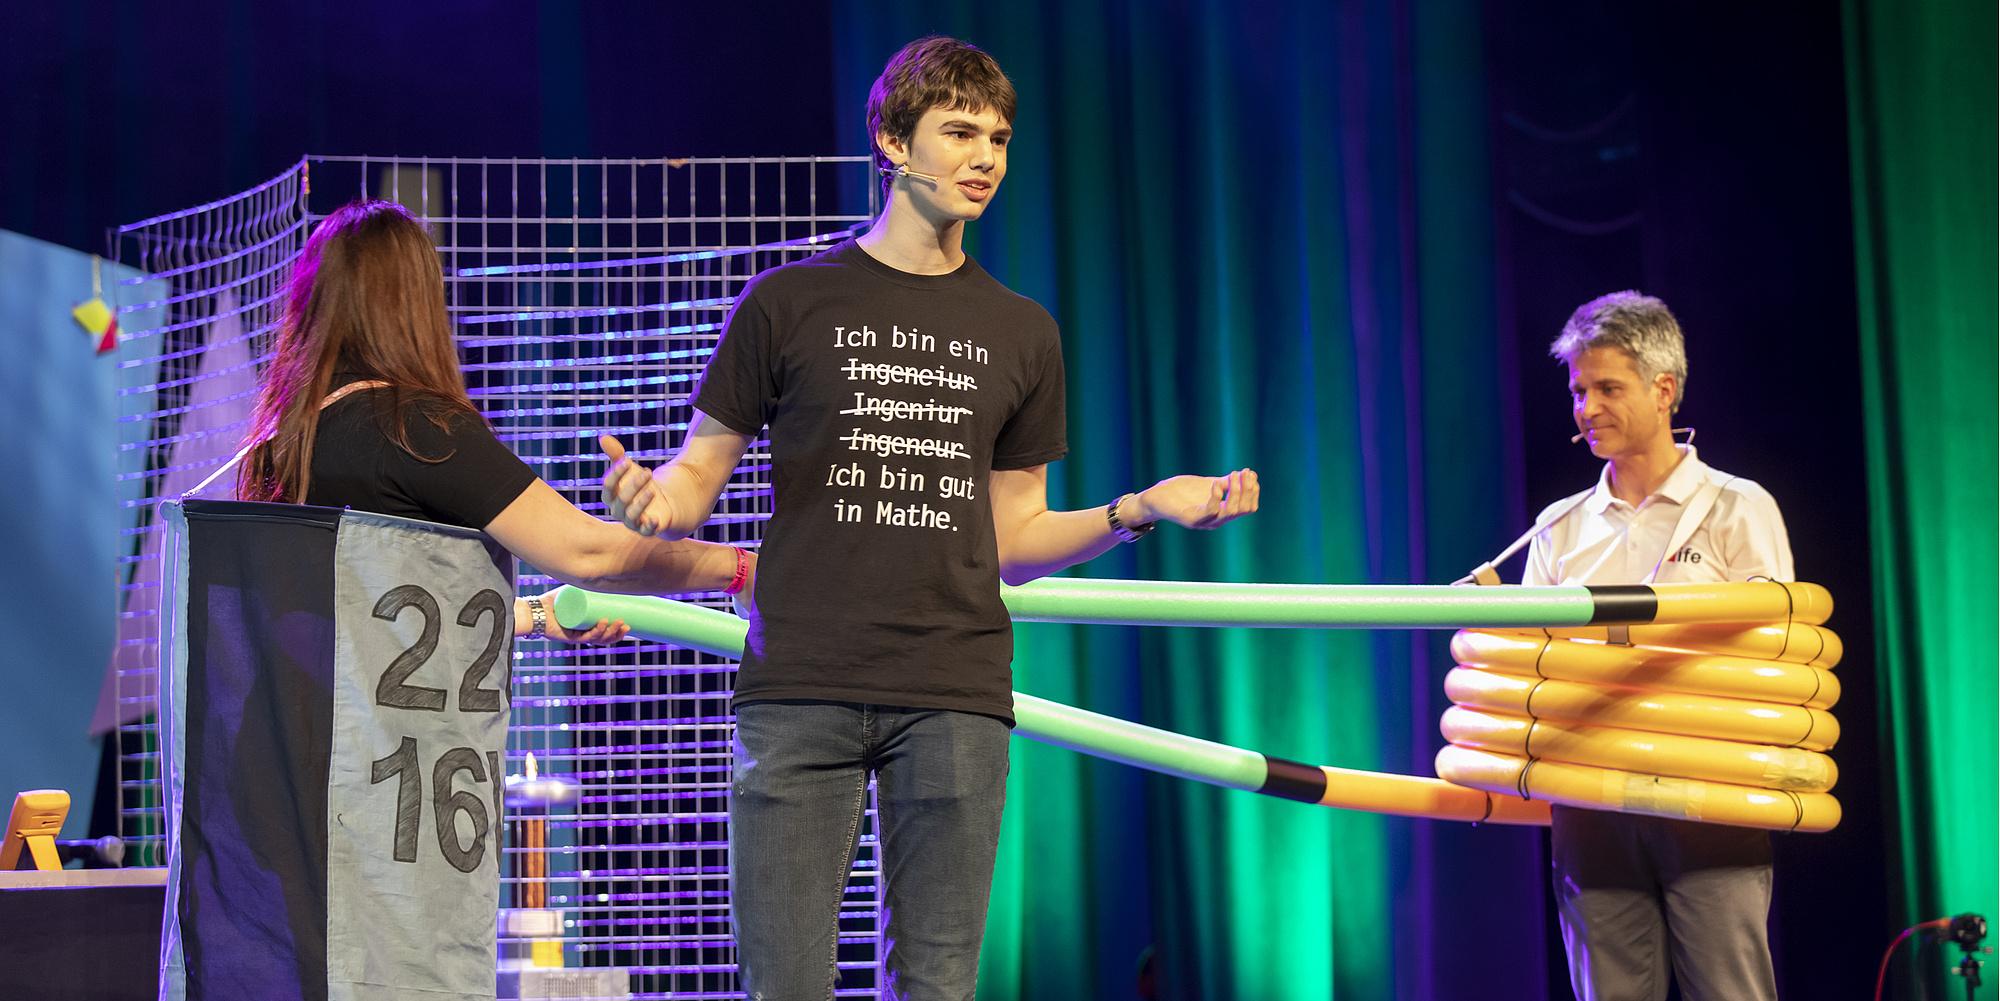 3 Leute machen eine Show auf einer Bühne